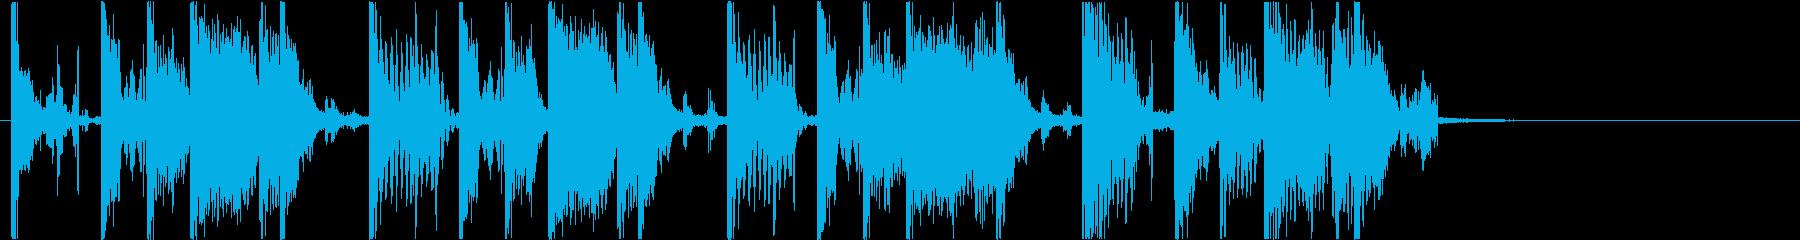 【DJ効果音】派手なジャケットの再生済みの波形